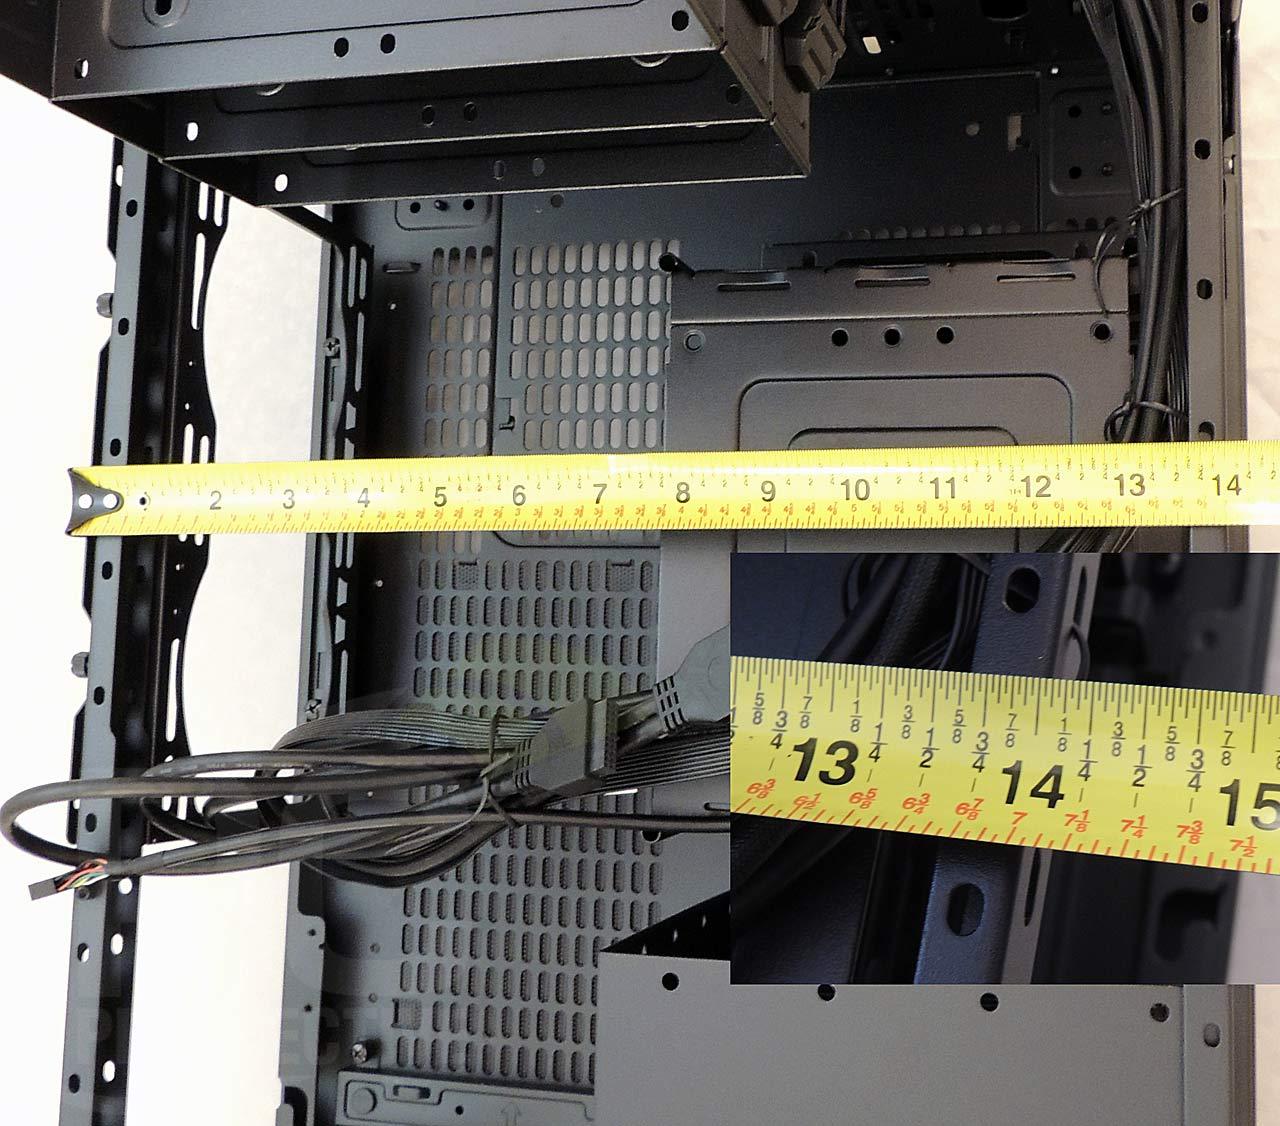 03-case-width-inside-full.jpg